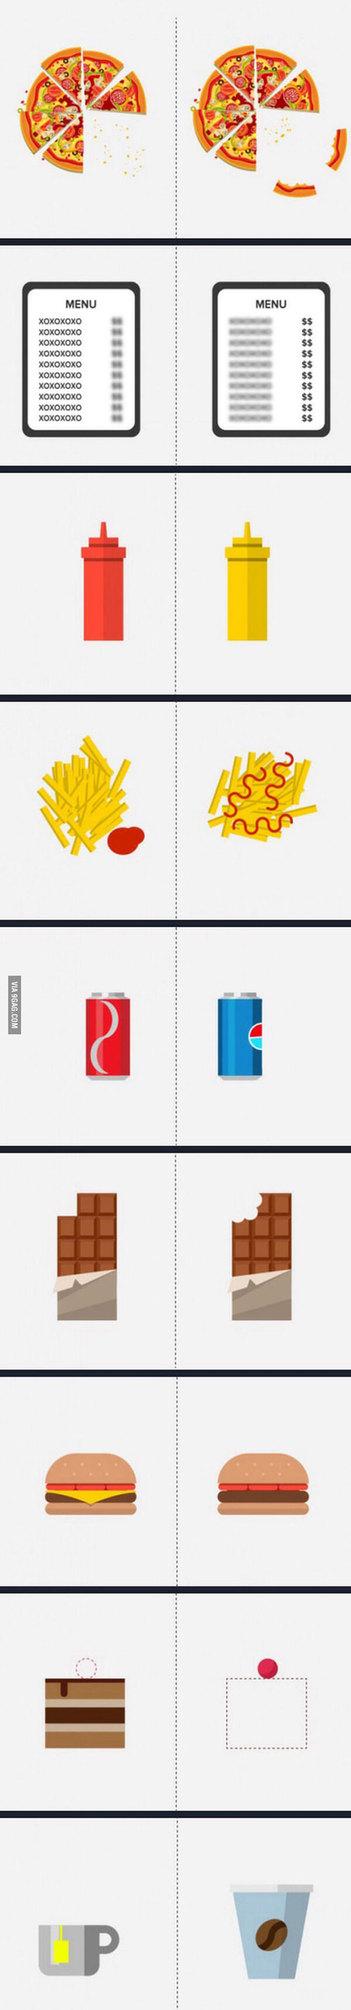 2 types of human beings... - meme